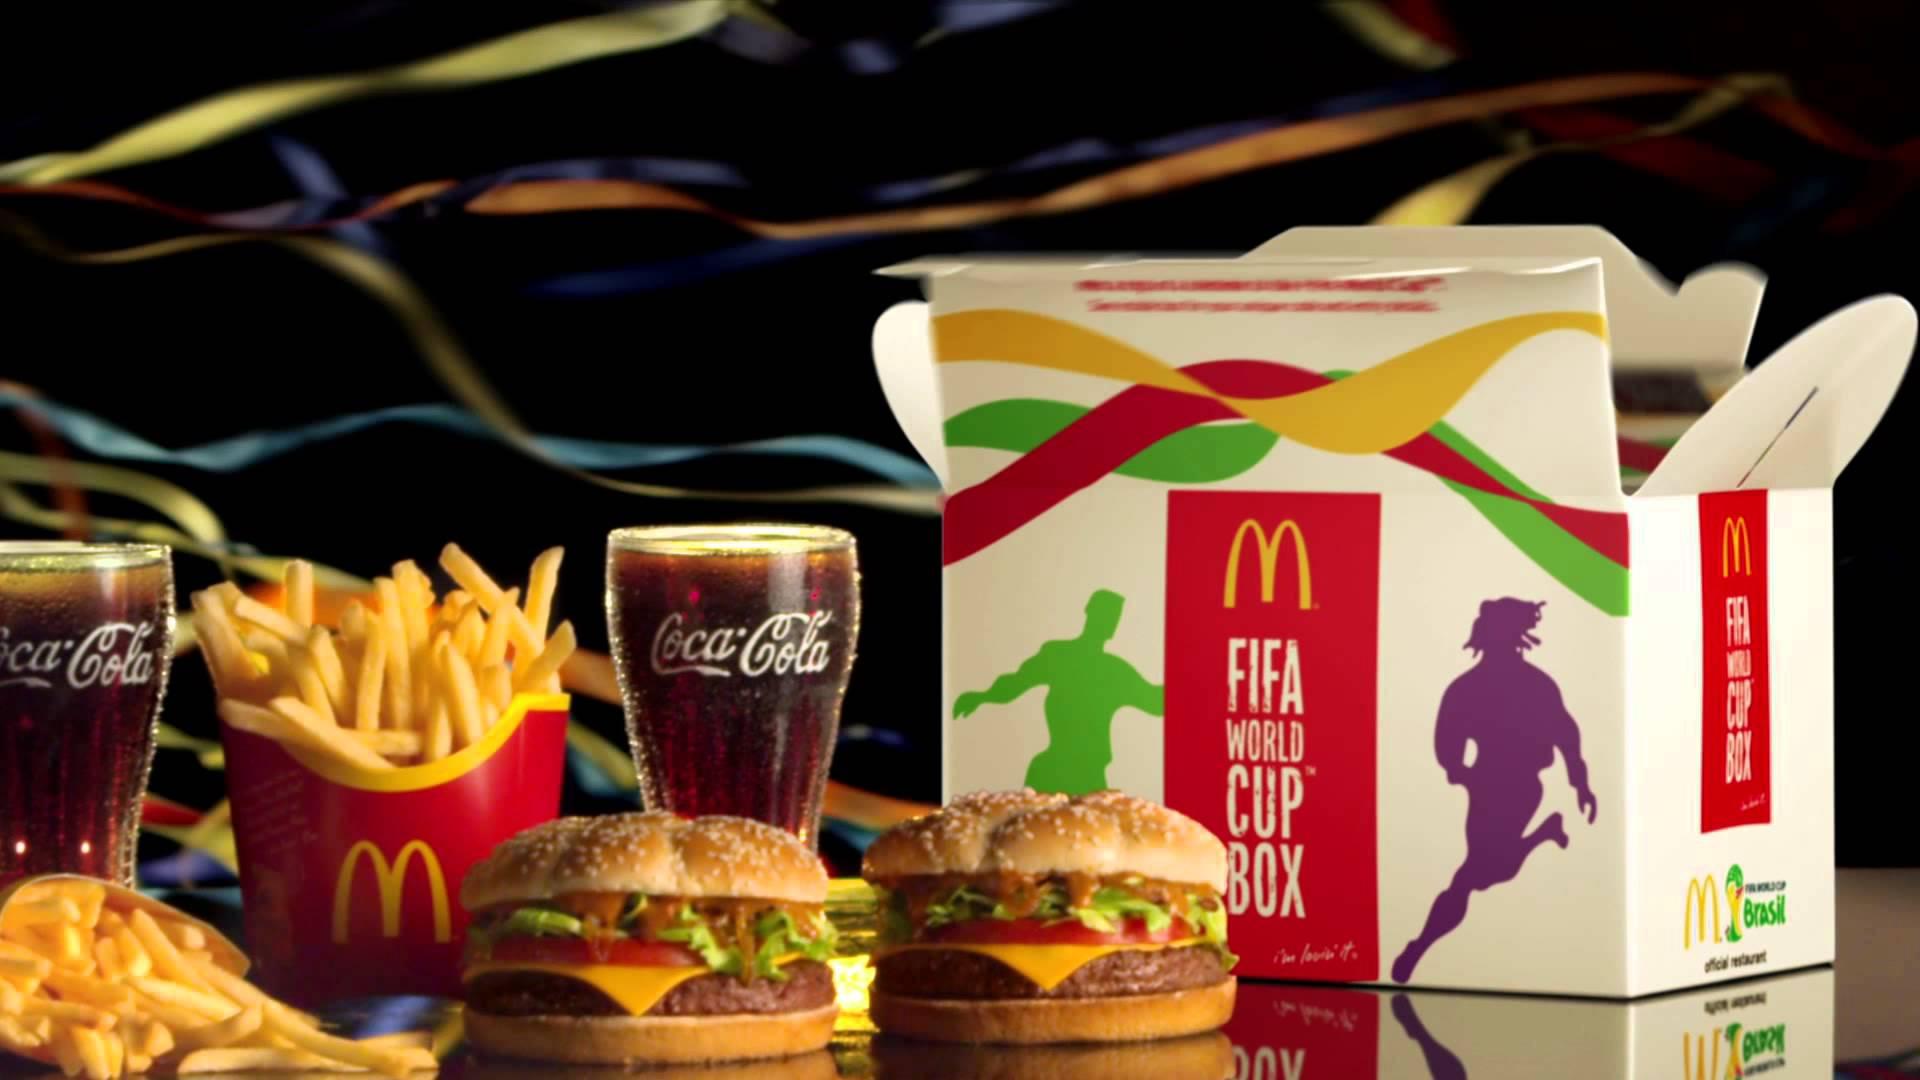 بازاریابی رستورانی - استراتژی بازاریابی